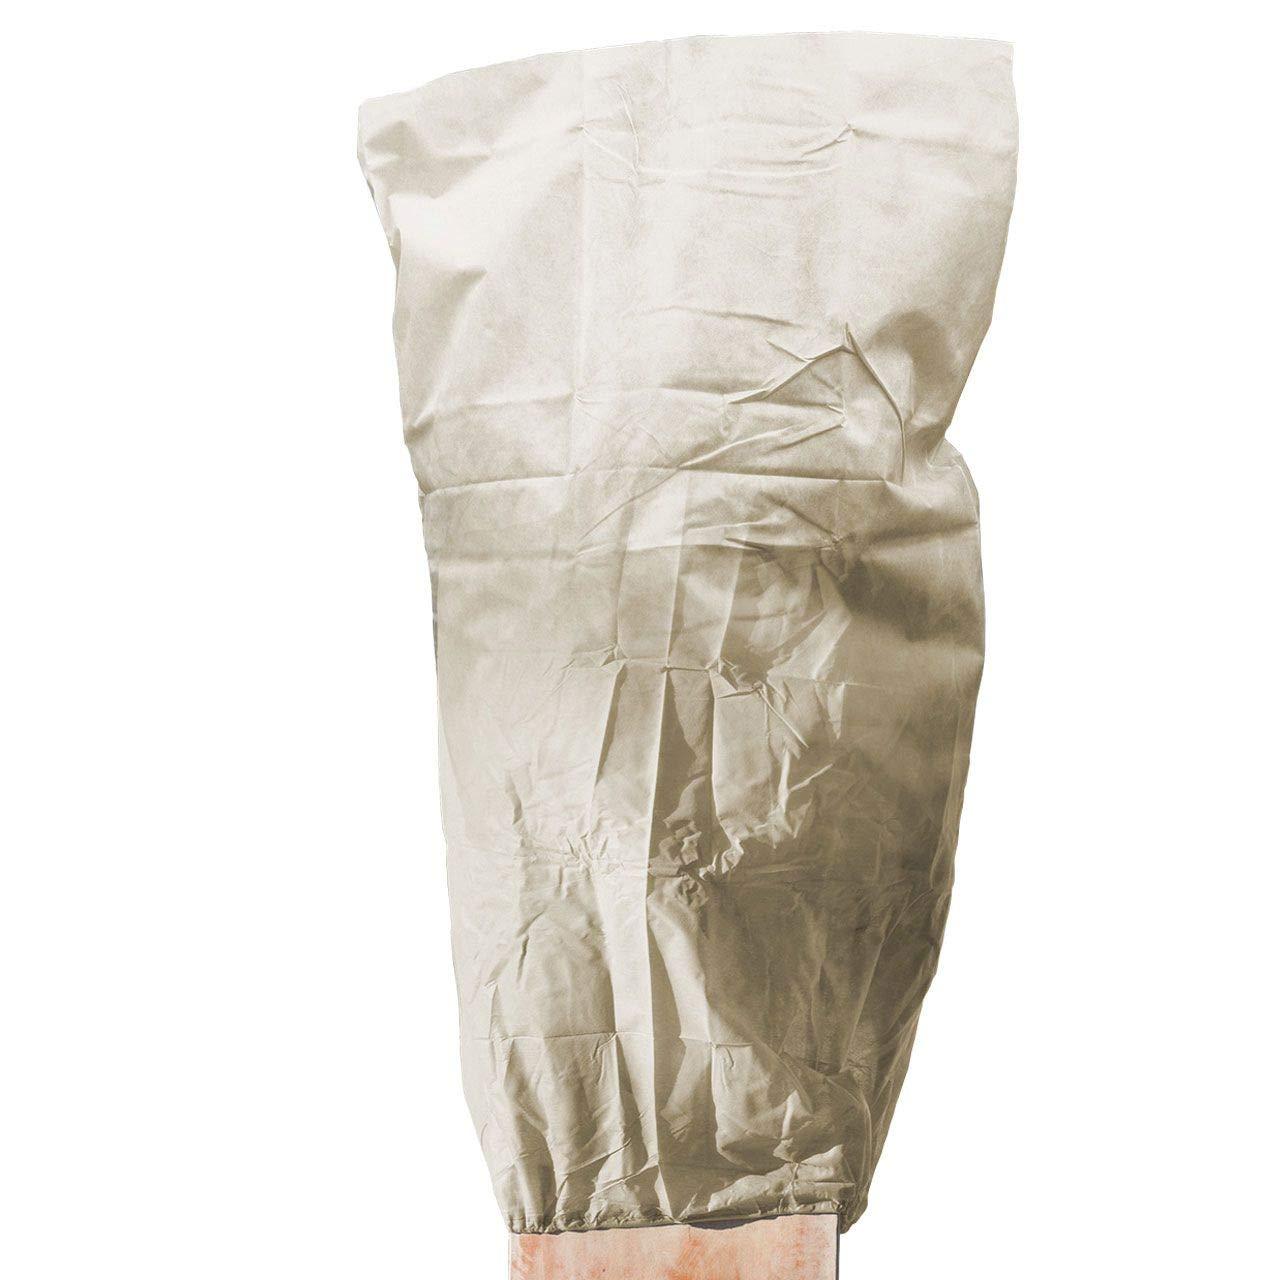 AFP Winterschutz Vlieshaube Strong Beige, 120 x 180cm 100g/qm Extrem Stark, Kübelpflanzensack für Olivenbäume, Palmen/Frostschutz Pflanzen/Reißverschluss / 2 Jutesäckchen Gratis